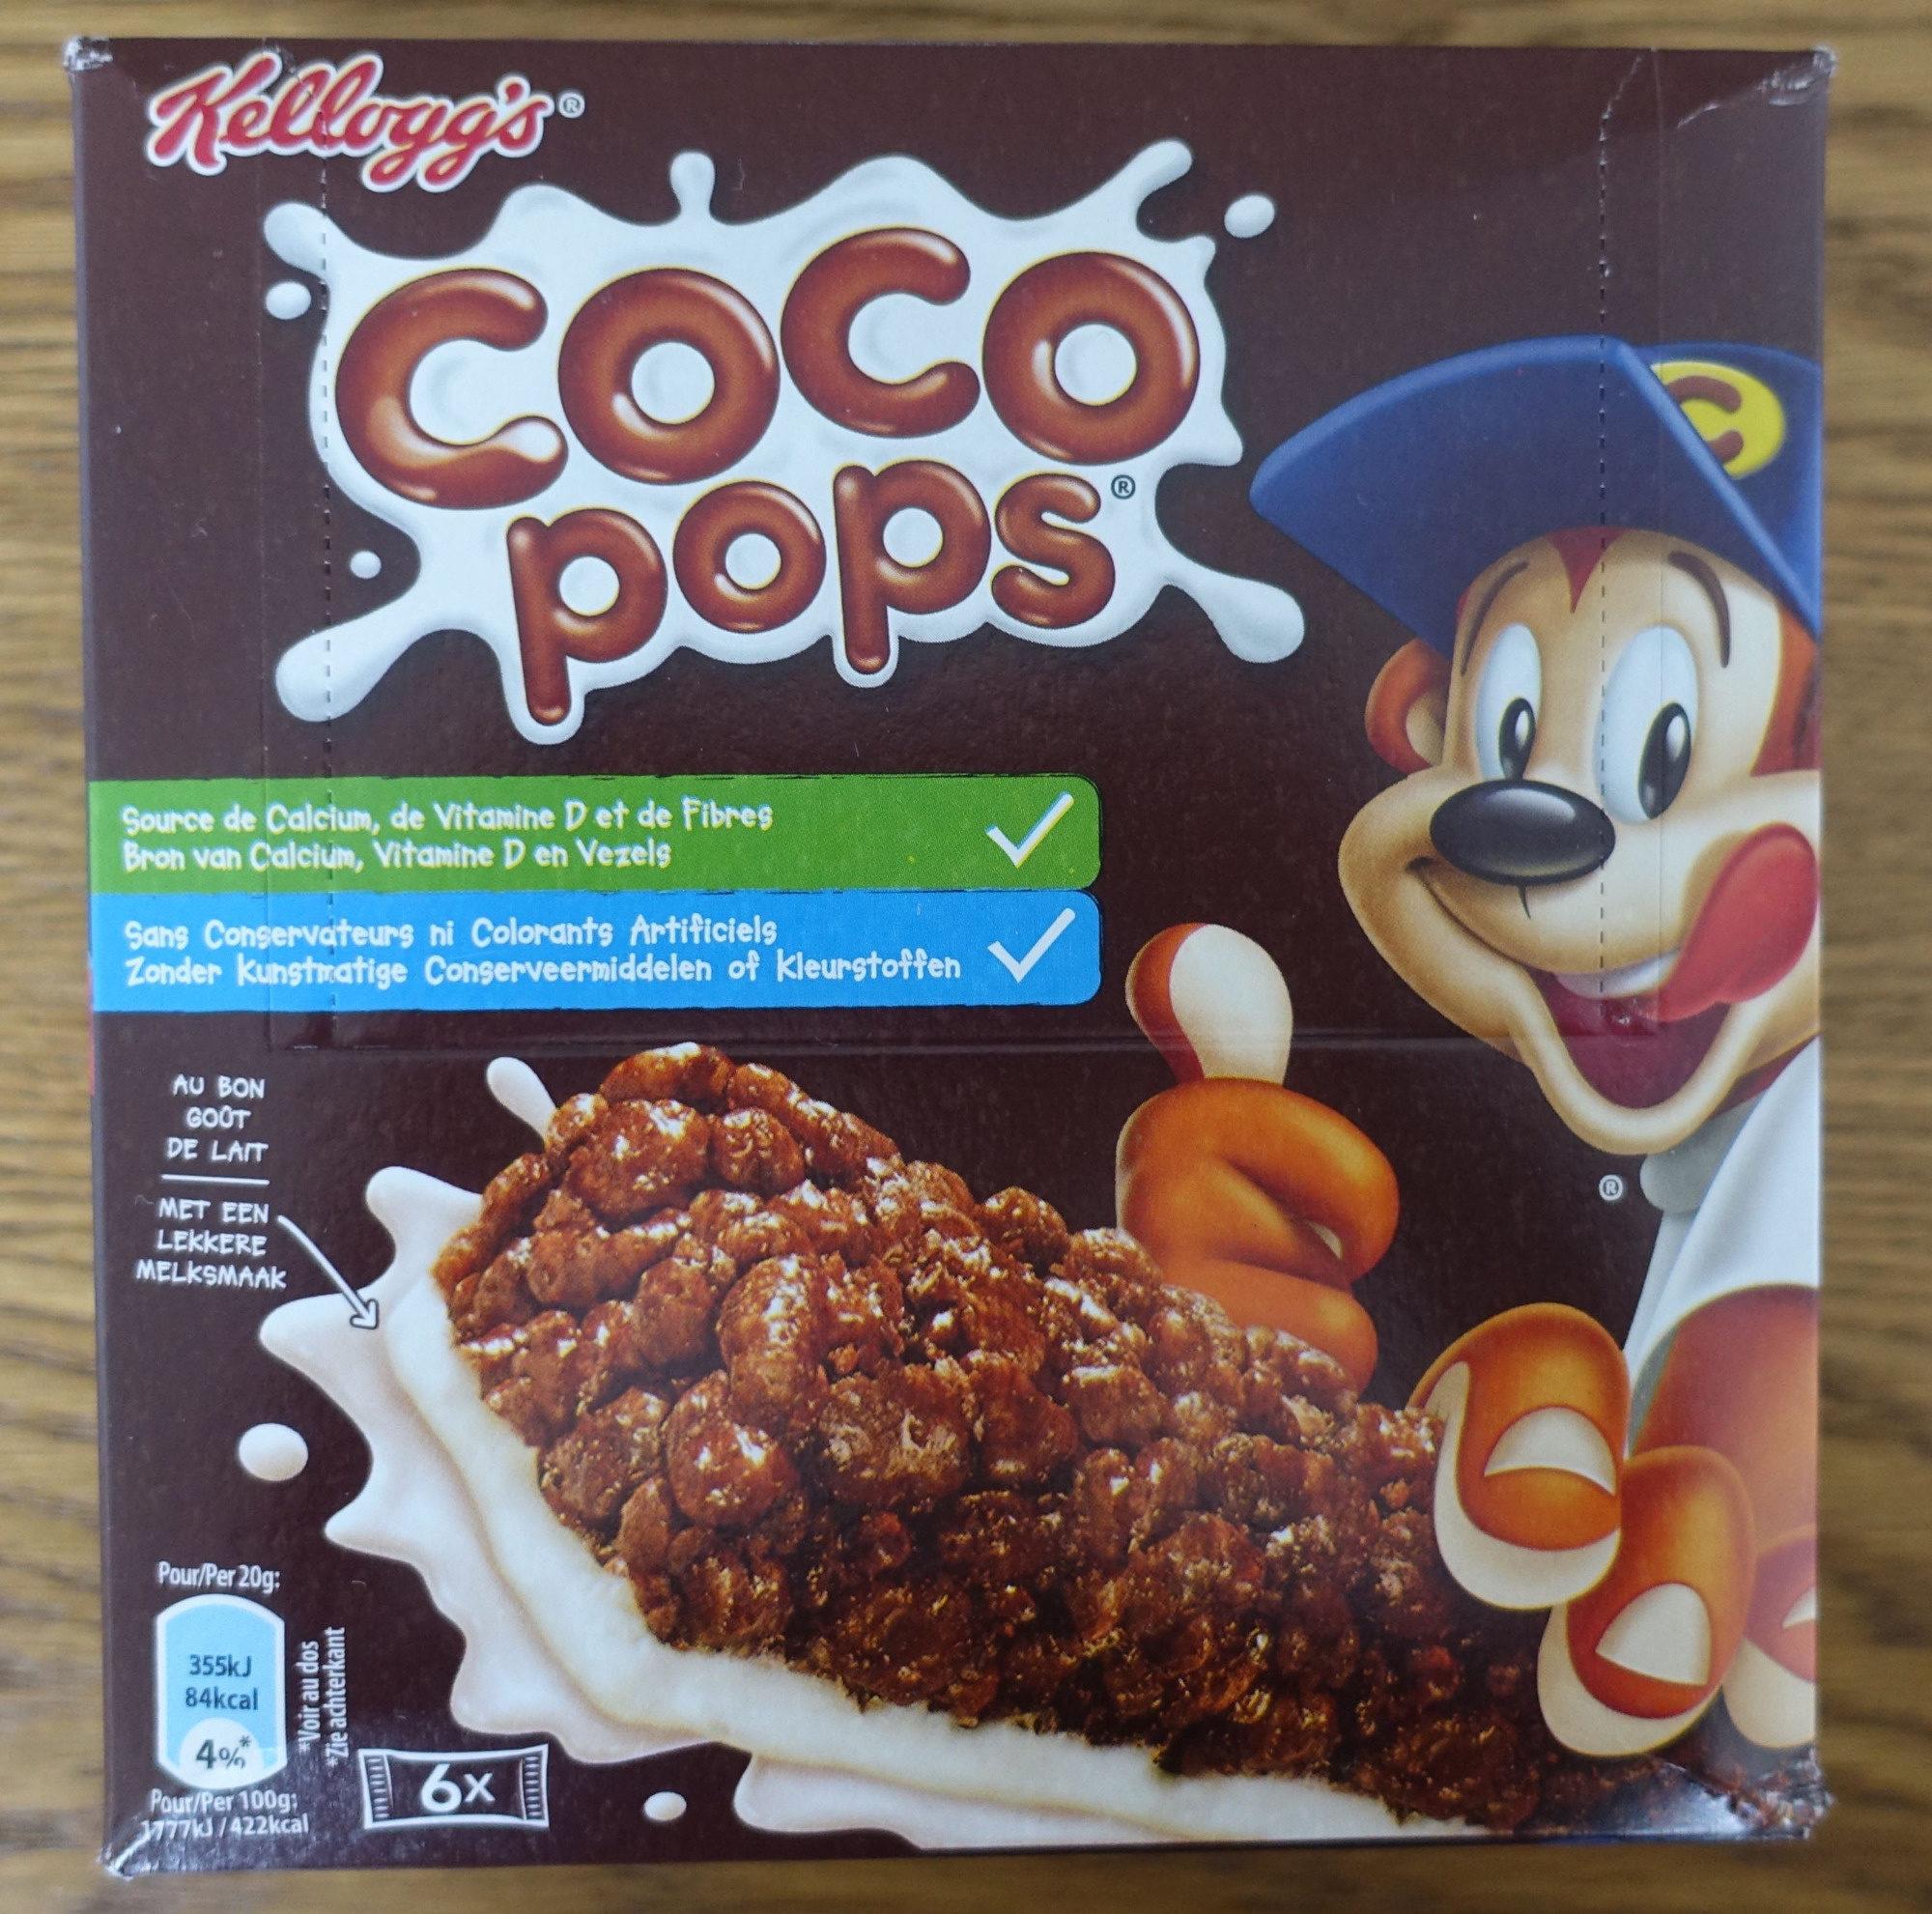 Coco Pops Barre de Céréales - Product